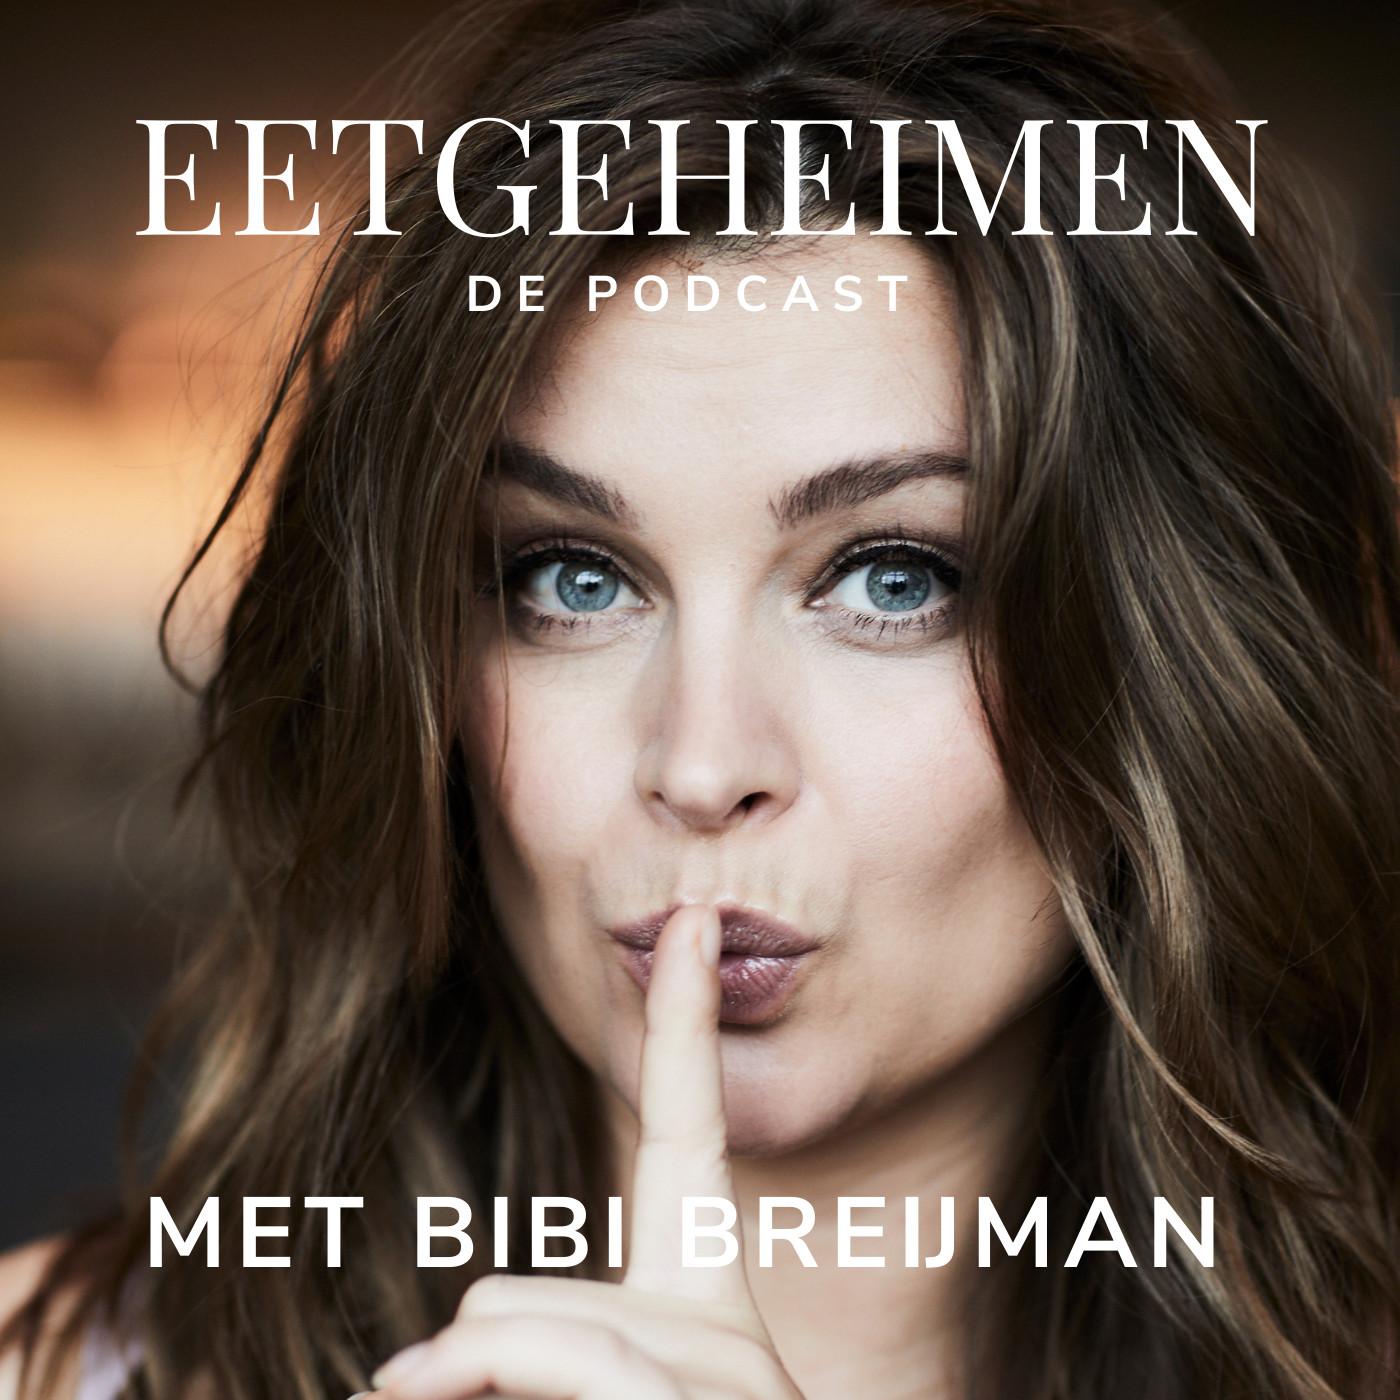 #9 - Bibi Breijman